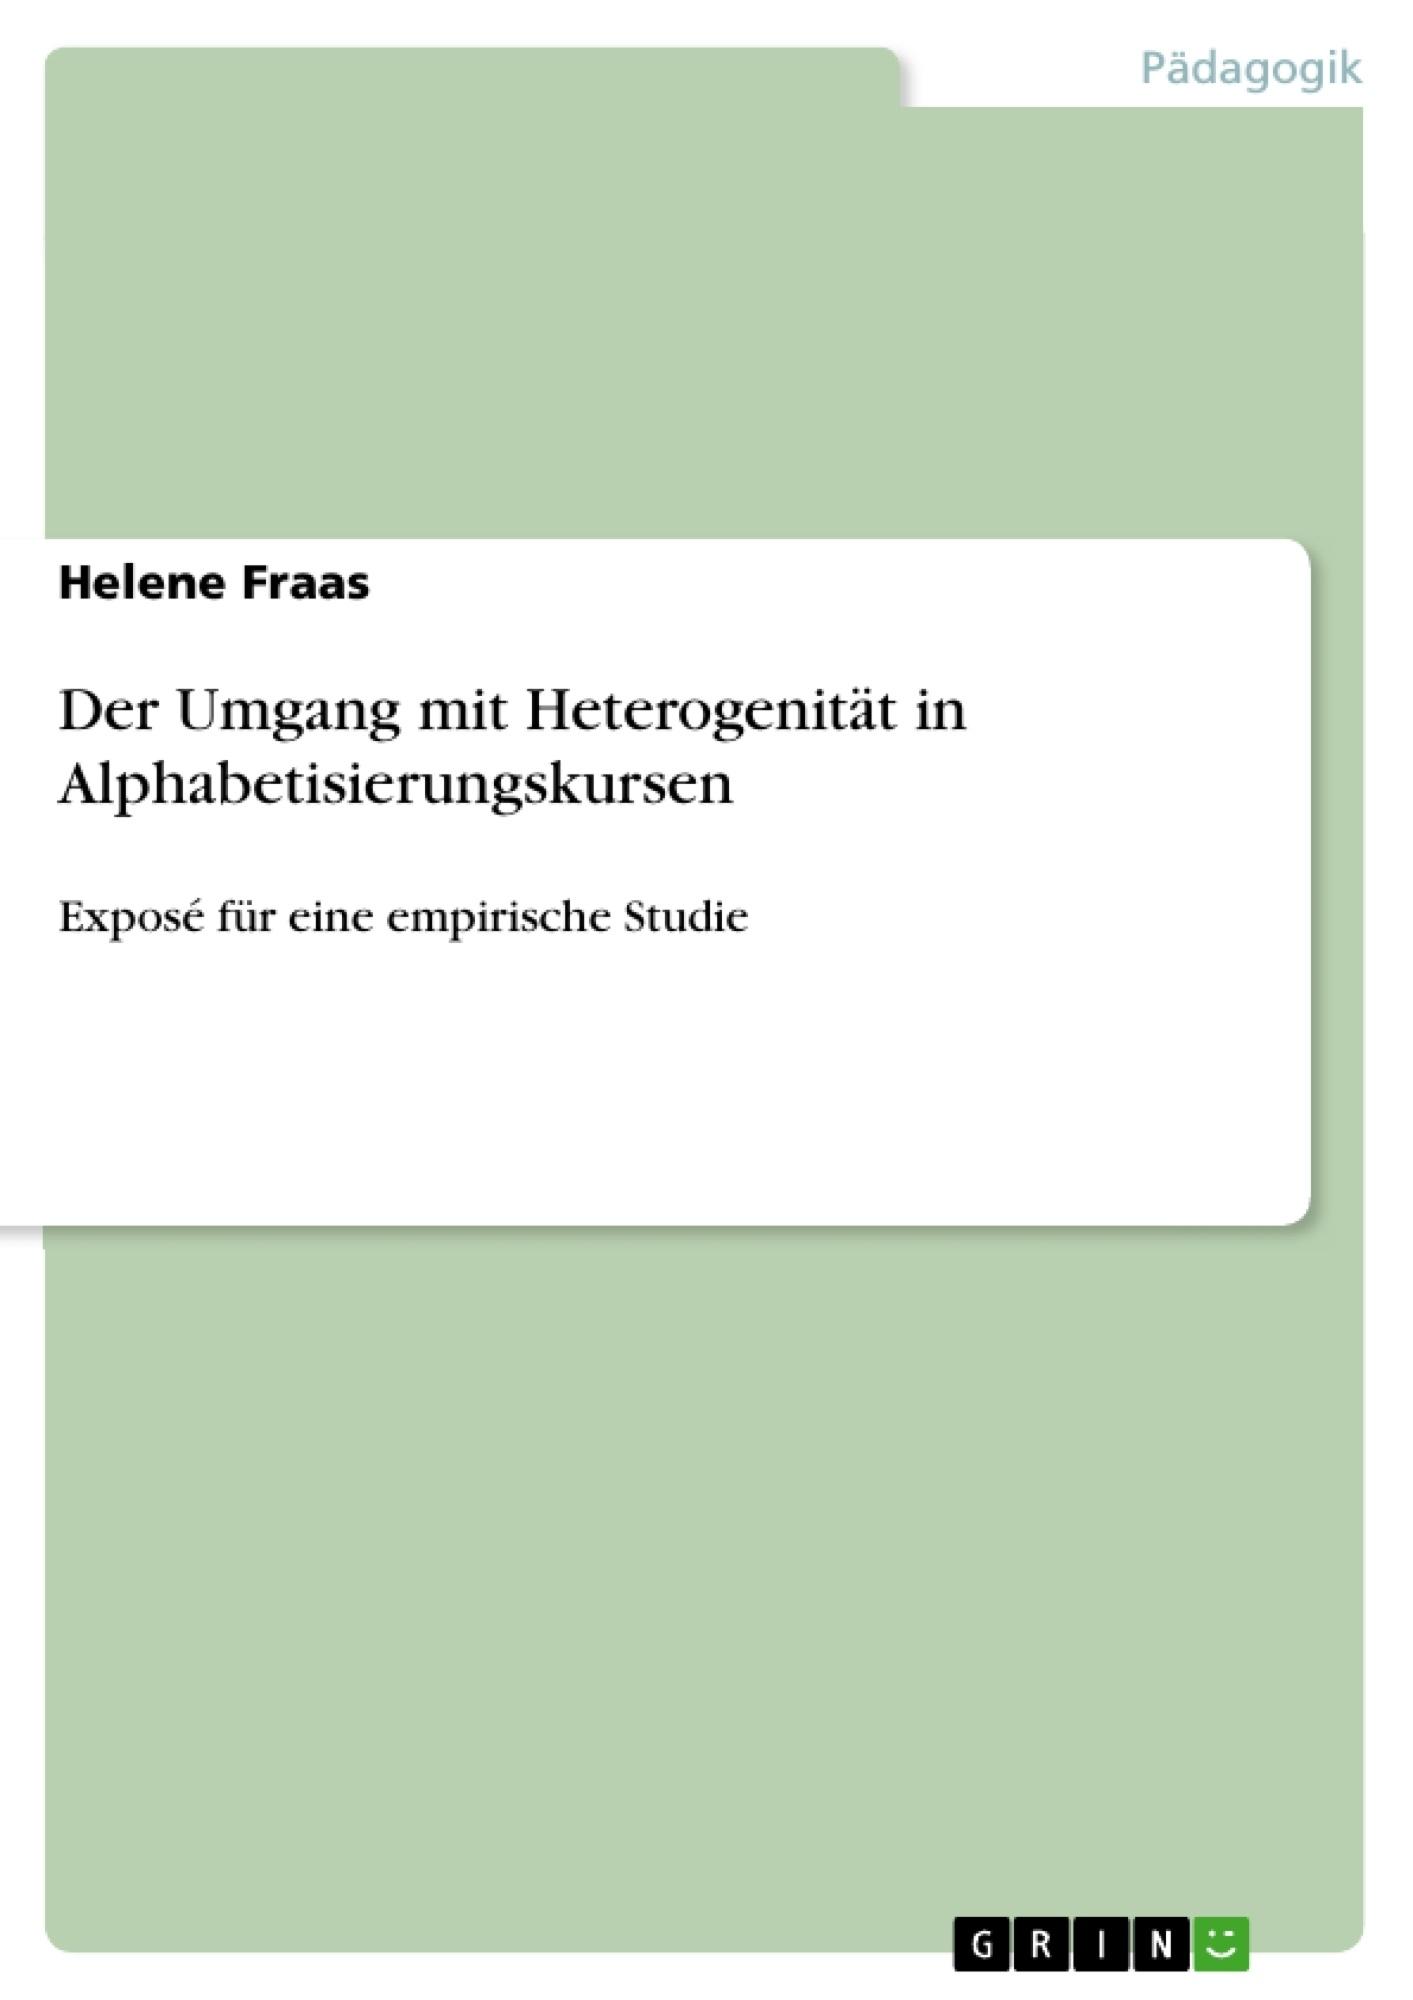 Titel: Der Umgang mit Heterogenität in Alphabetisierungskursen